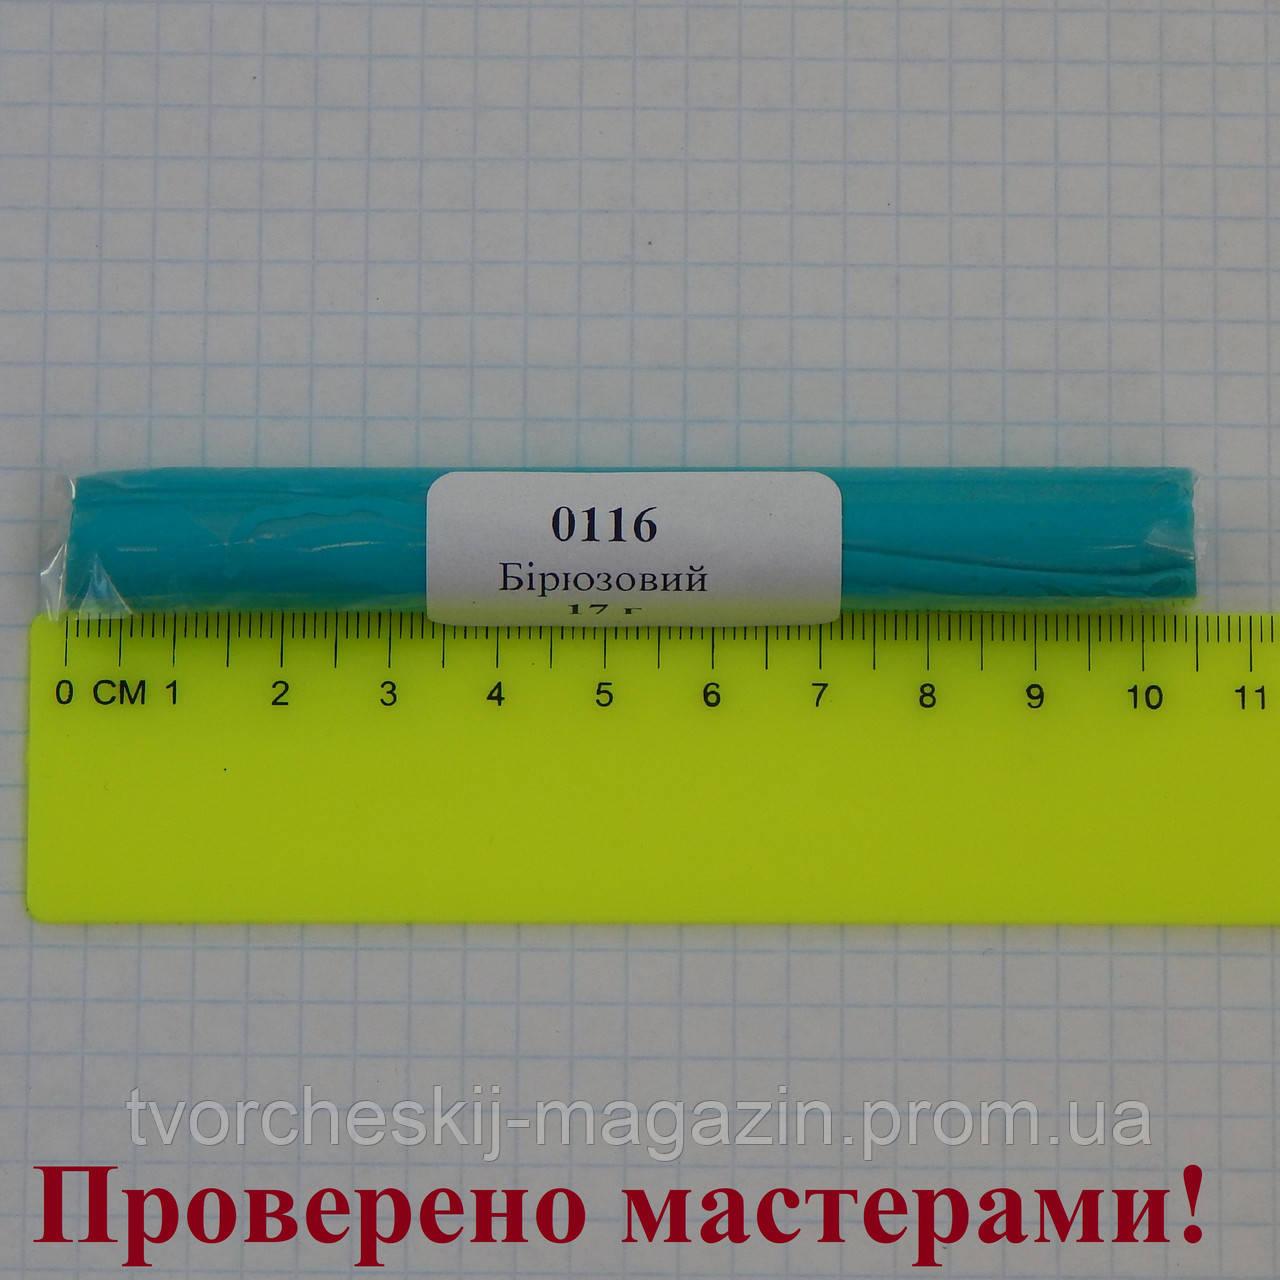 Полимерная глина Пластишка, цвет бирюзовый 17 г.